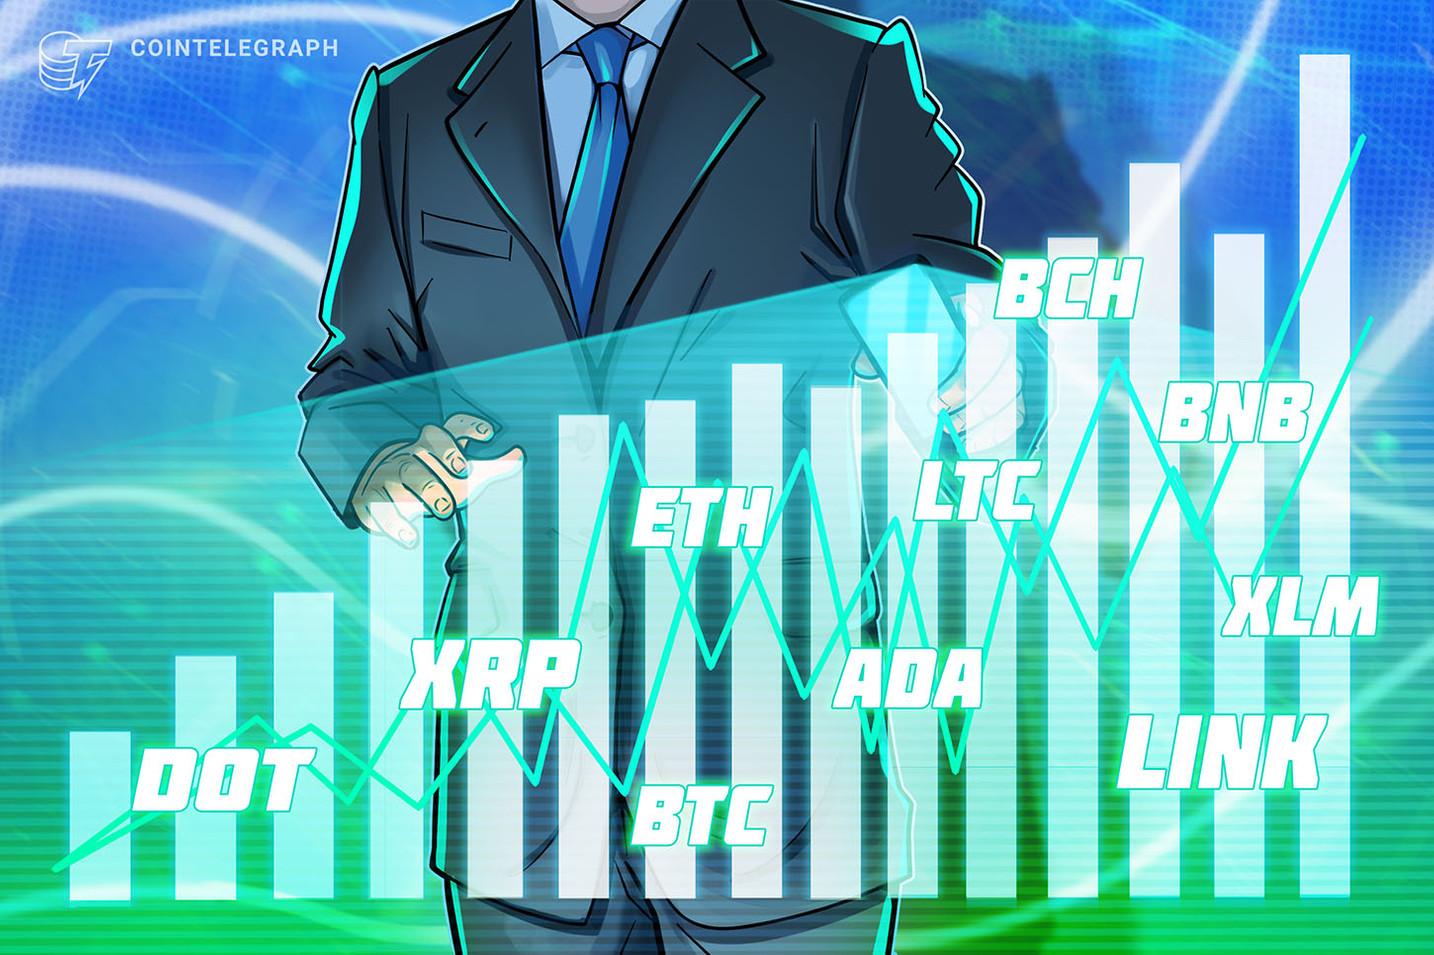 反発後の値動きはどうなる?  仮想通貨チャート分析:ビットコイン・イーサ・XRP(リップル)・ビットコインキャッシュ・ライトコイン